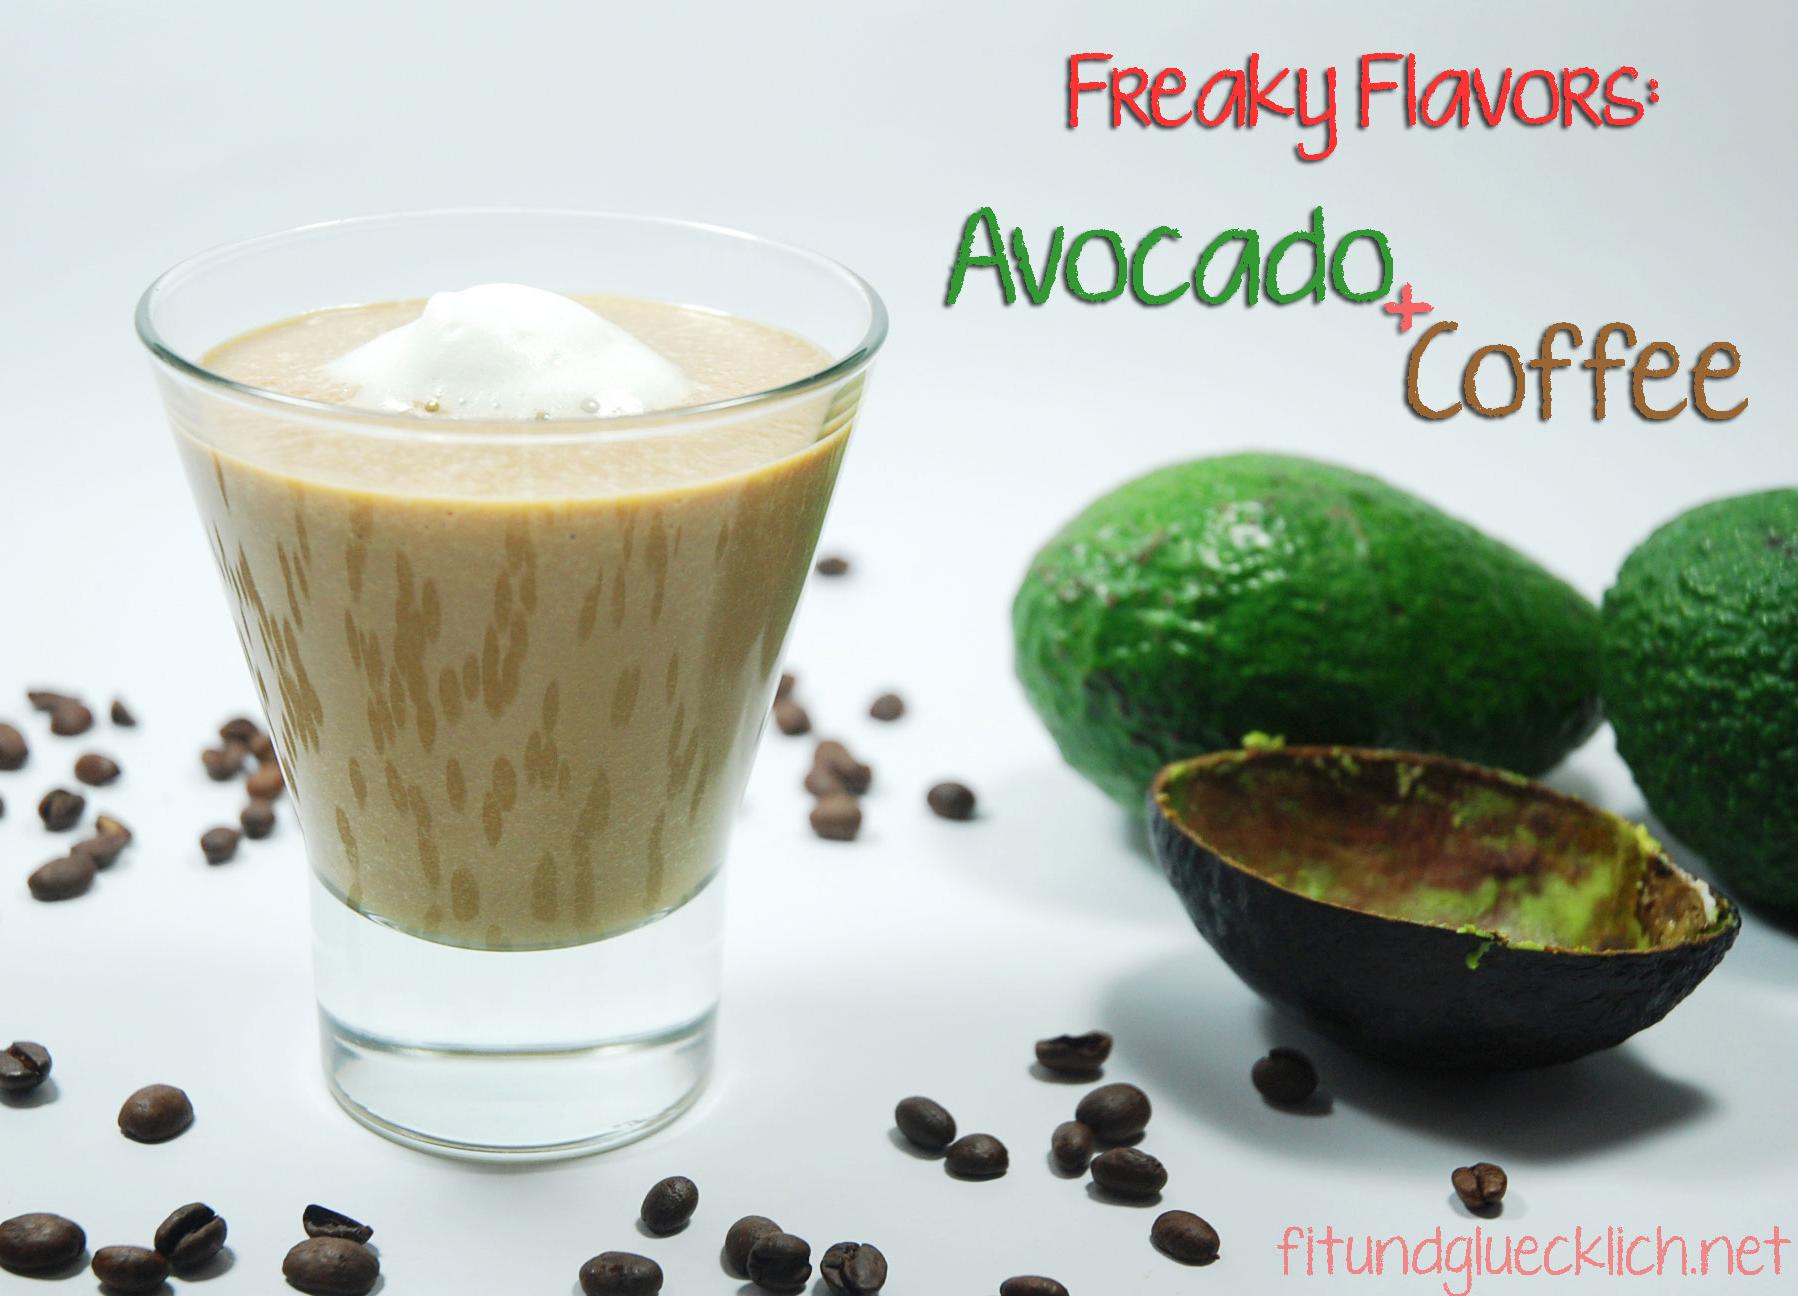 FF-Avocado-Kaffee-4